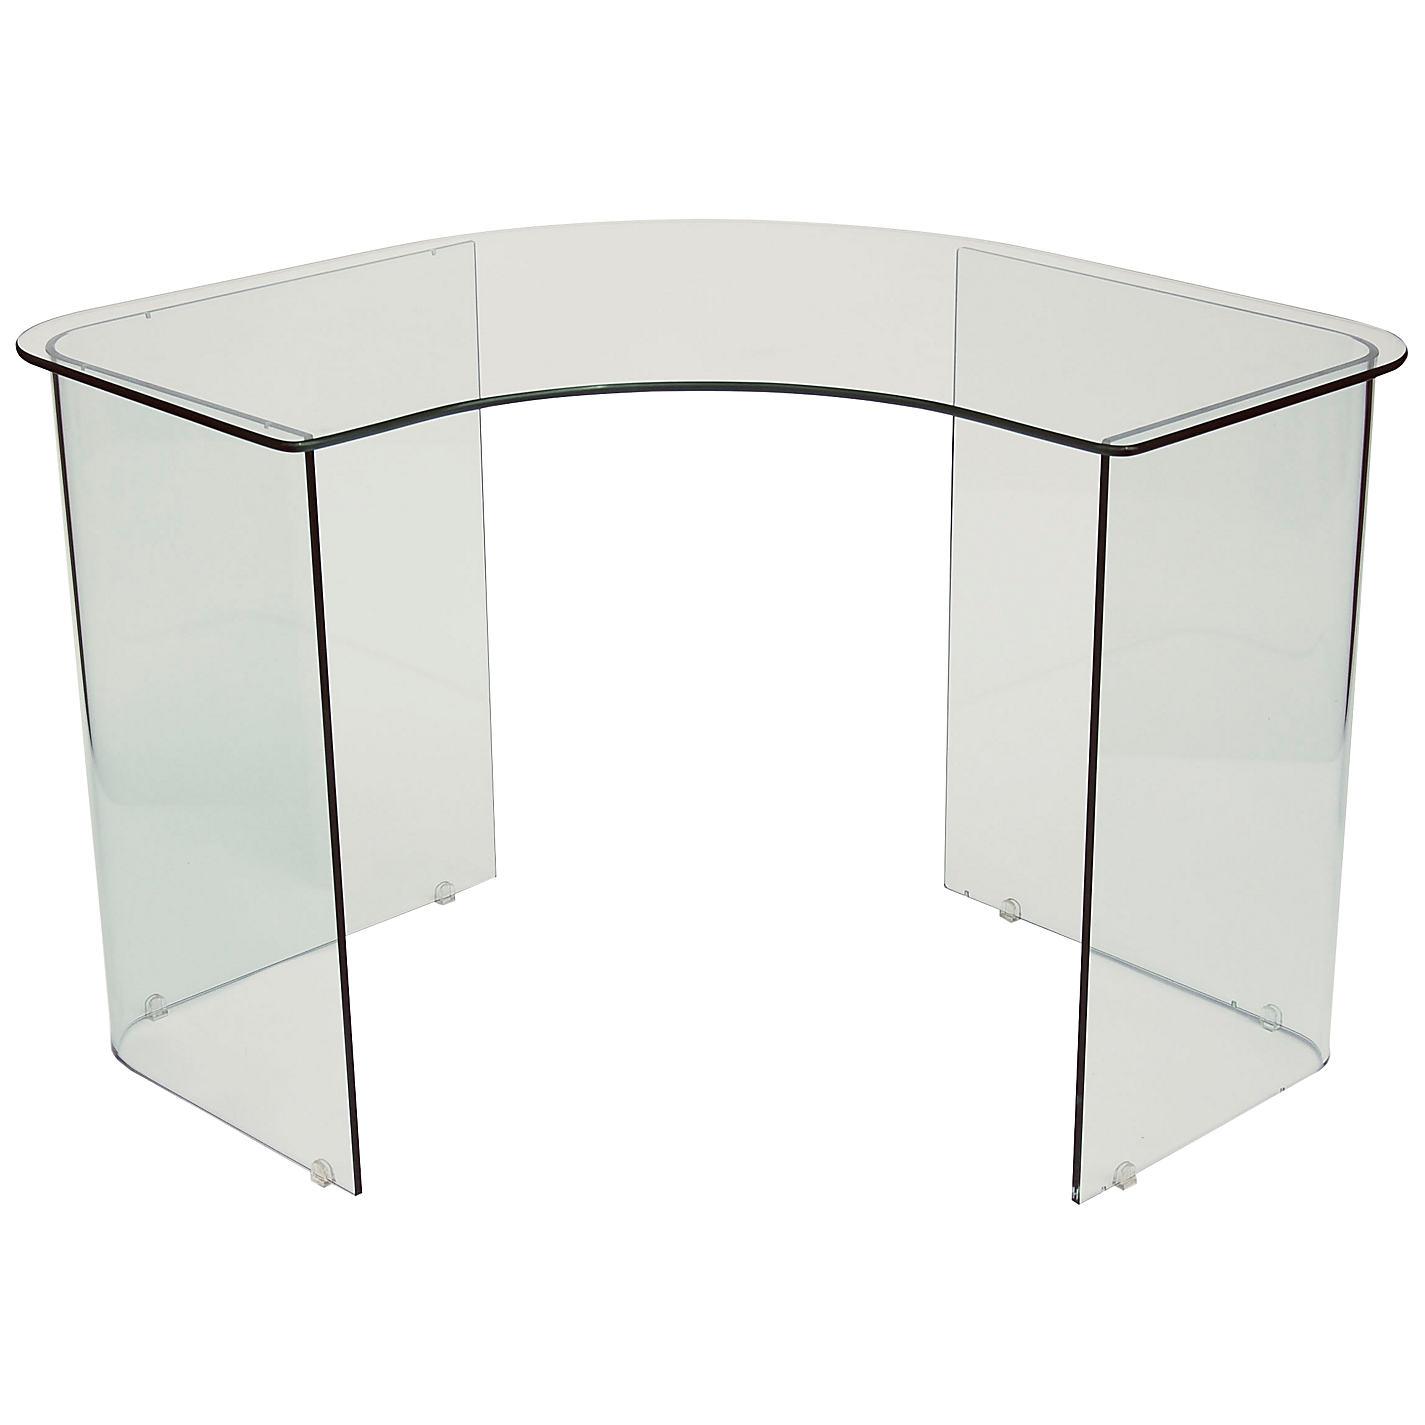 glass corner desk john lewis staten glass corner desk ebay  - john lewis staten glass corner desk ebay